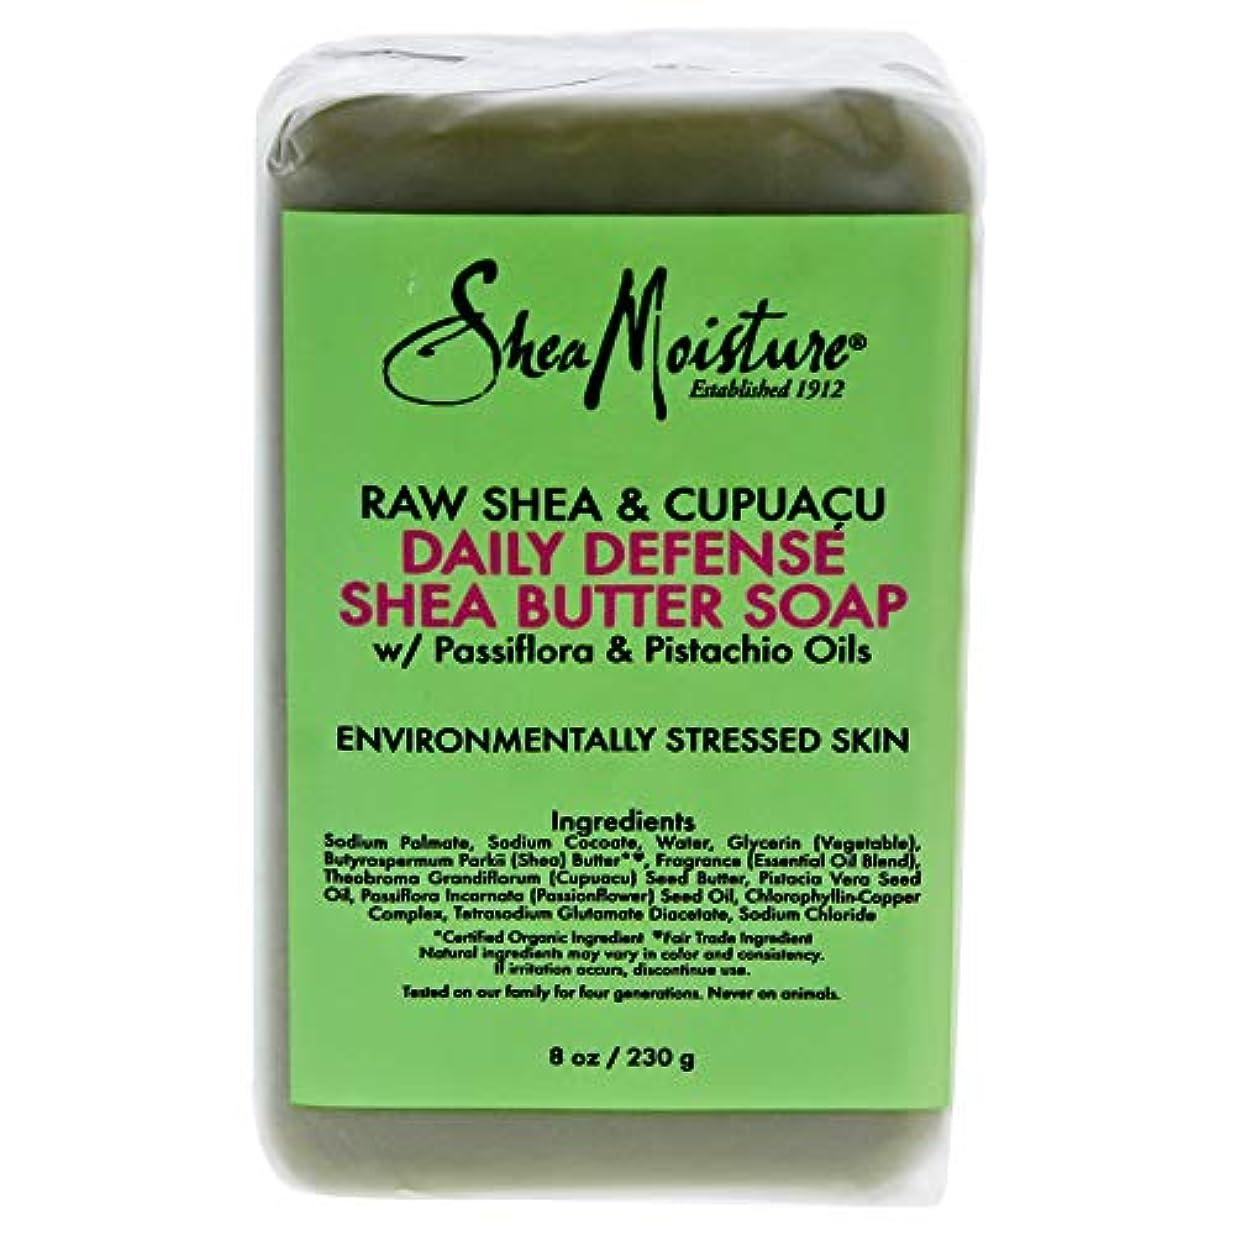 元気マイナー異邦人Shea Moisture U-BB-2717 Raw Shea & Cupuacu Daily Defense Shea Butter Soap for Unisex - 8 oz